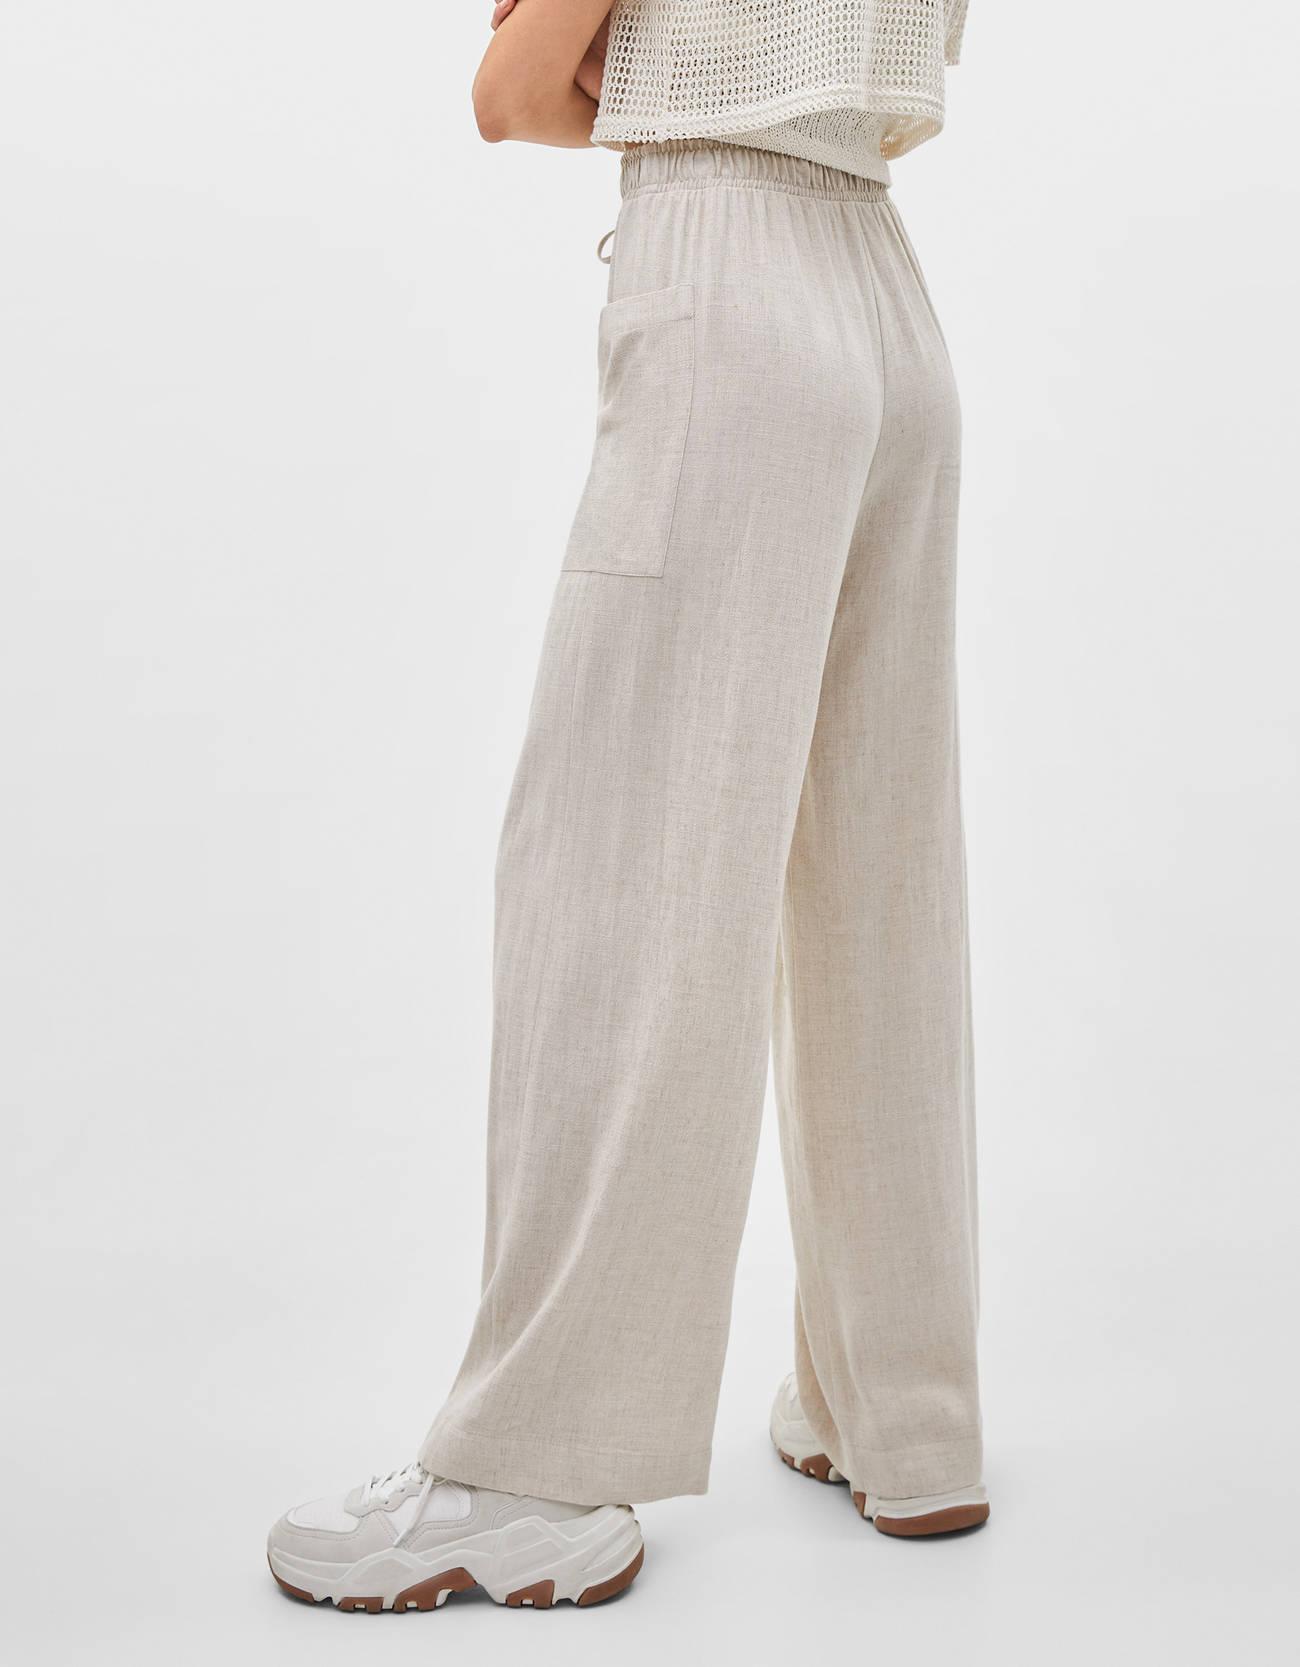 Льняные брюки с широкими штанинами Бежевый Bershka